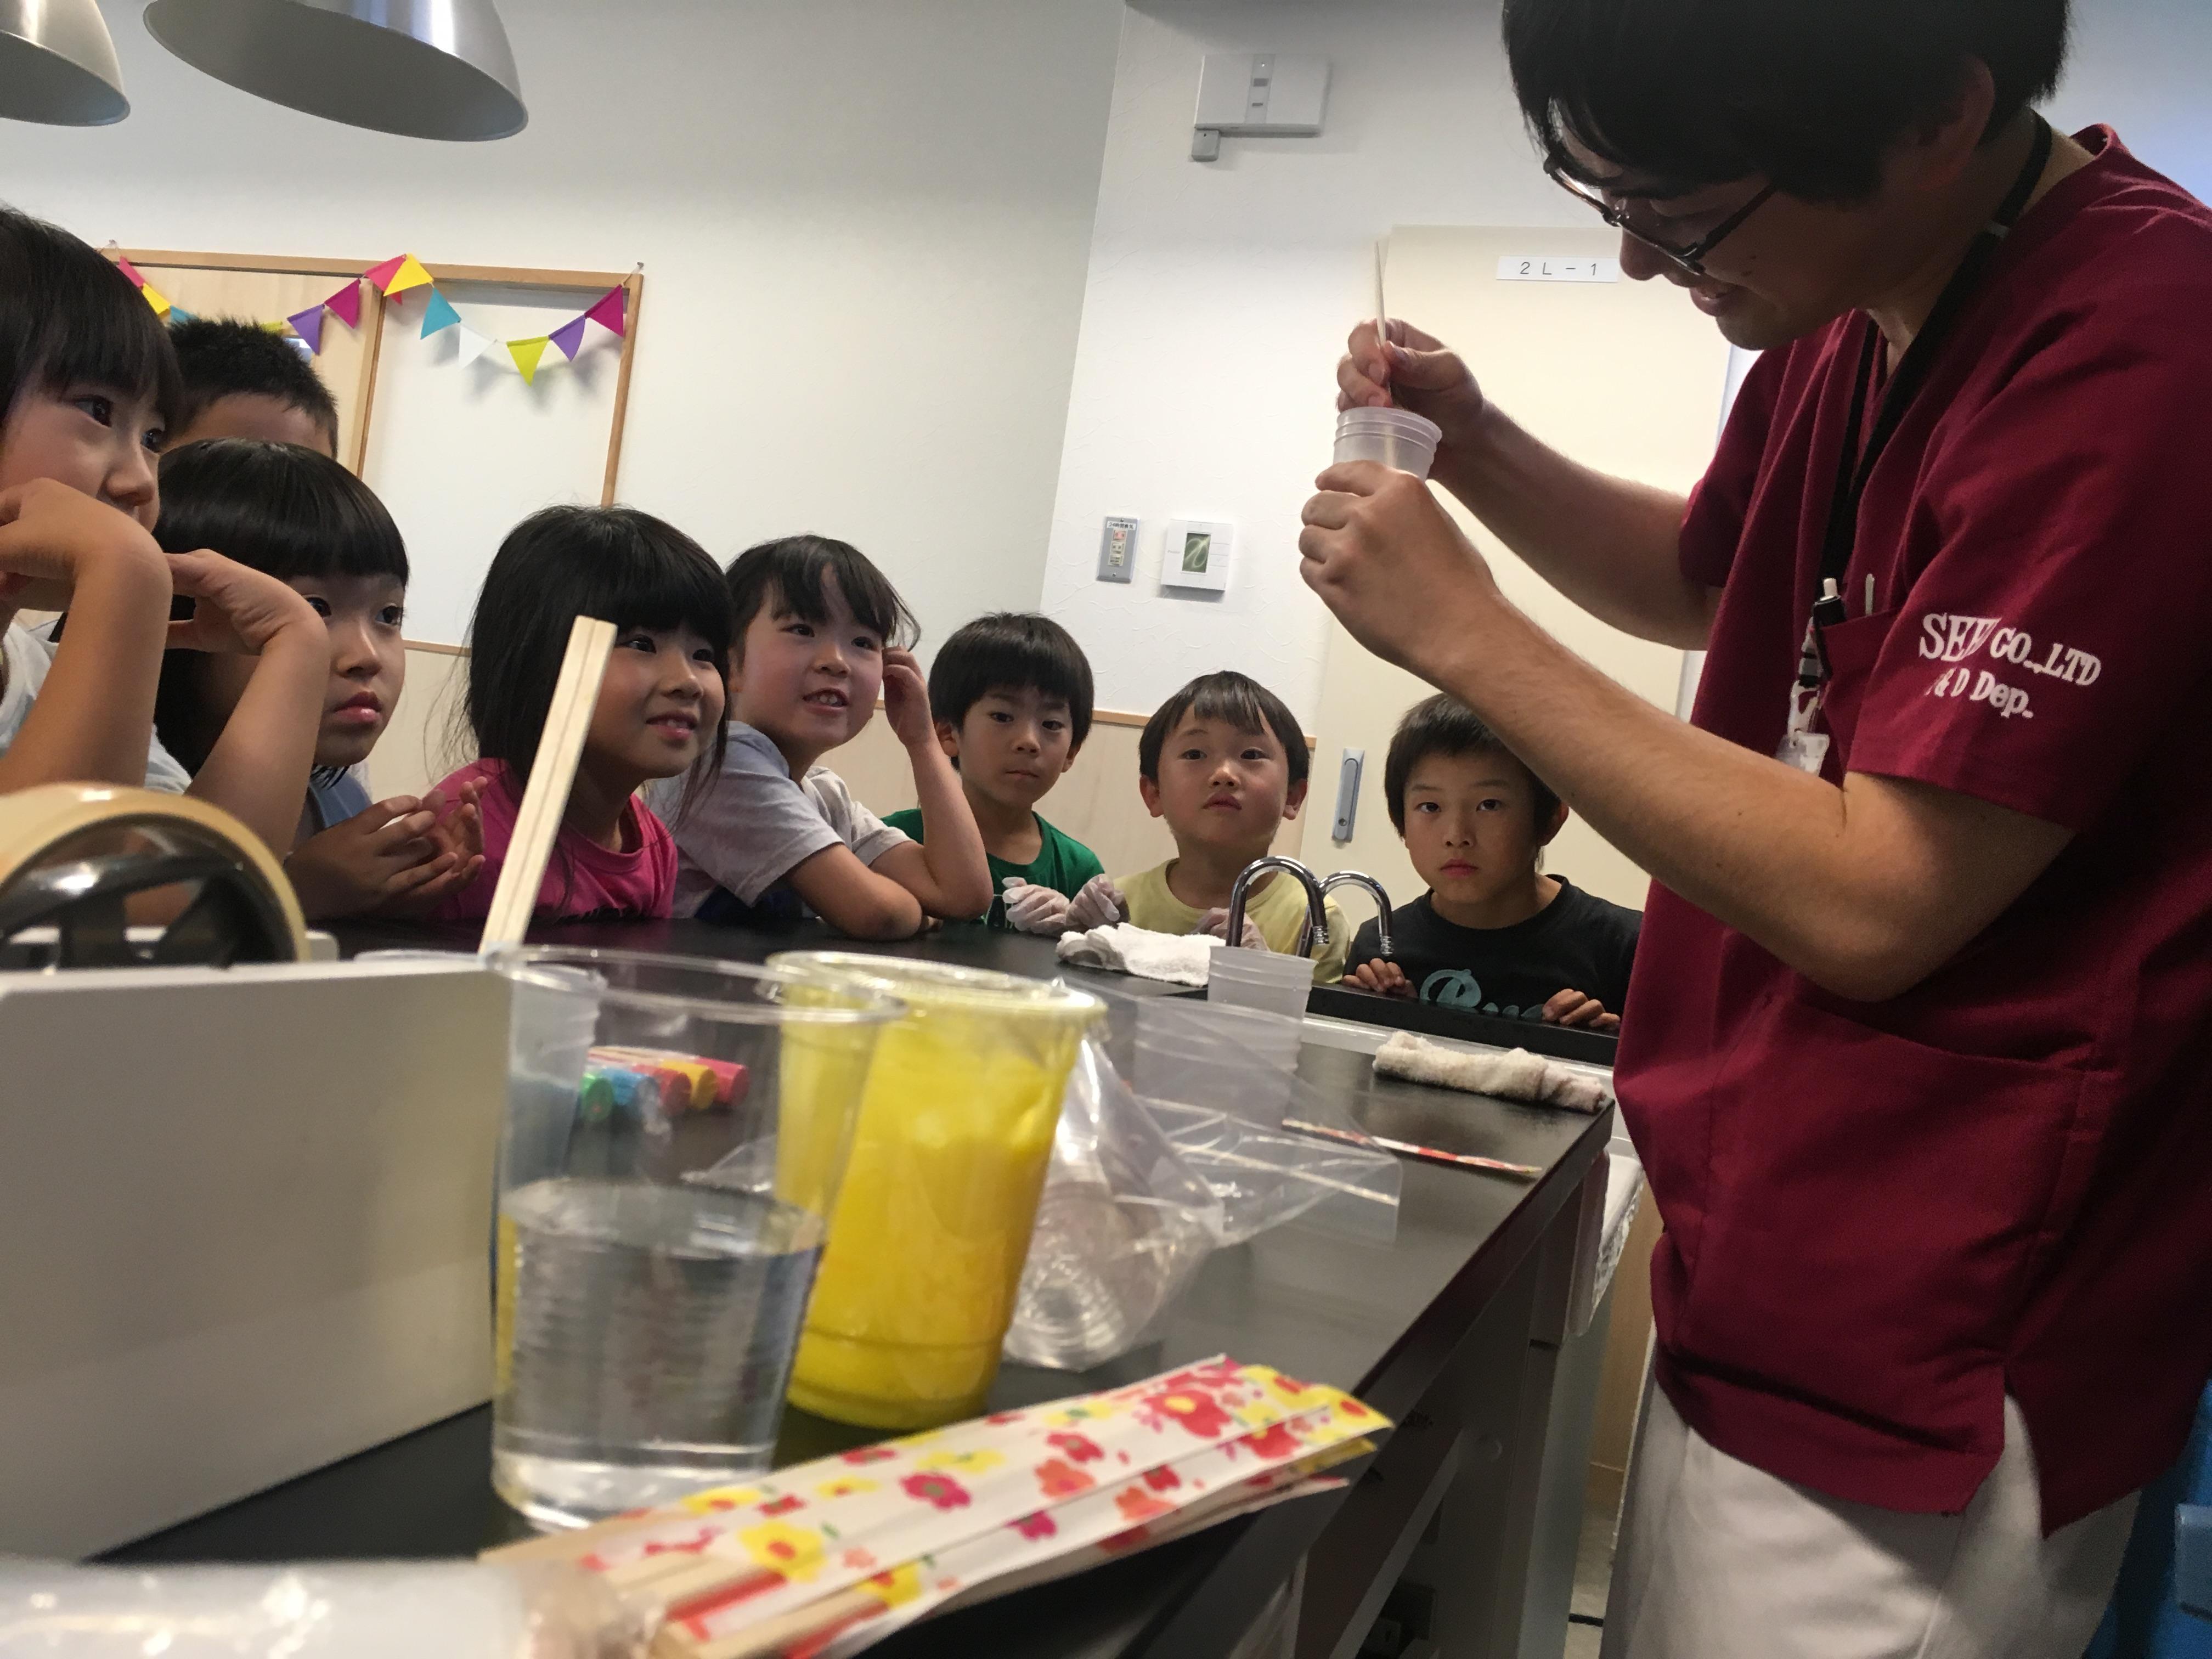 https://www.seed.co.jp/blog/eyemate/193_2.JPG